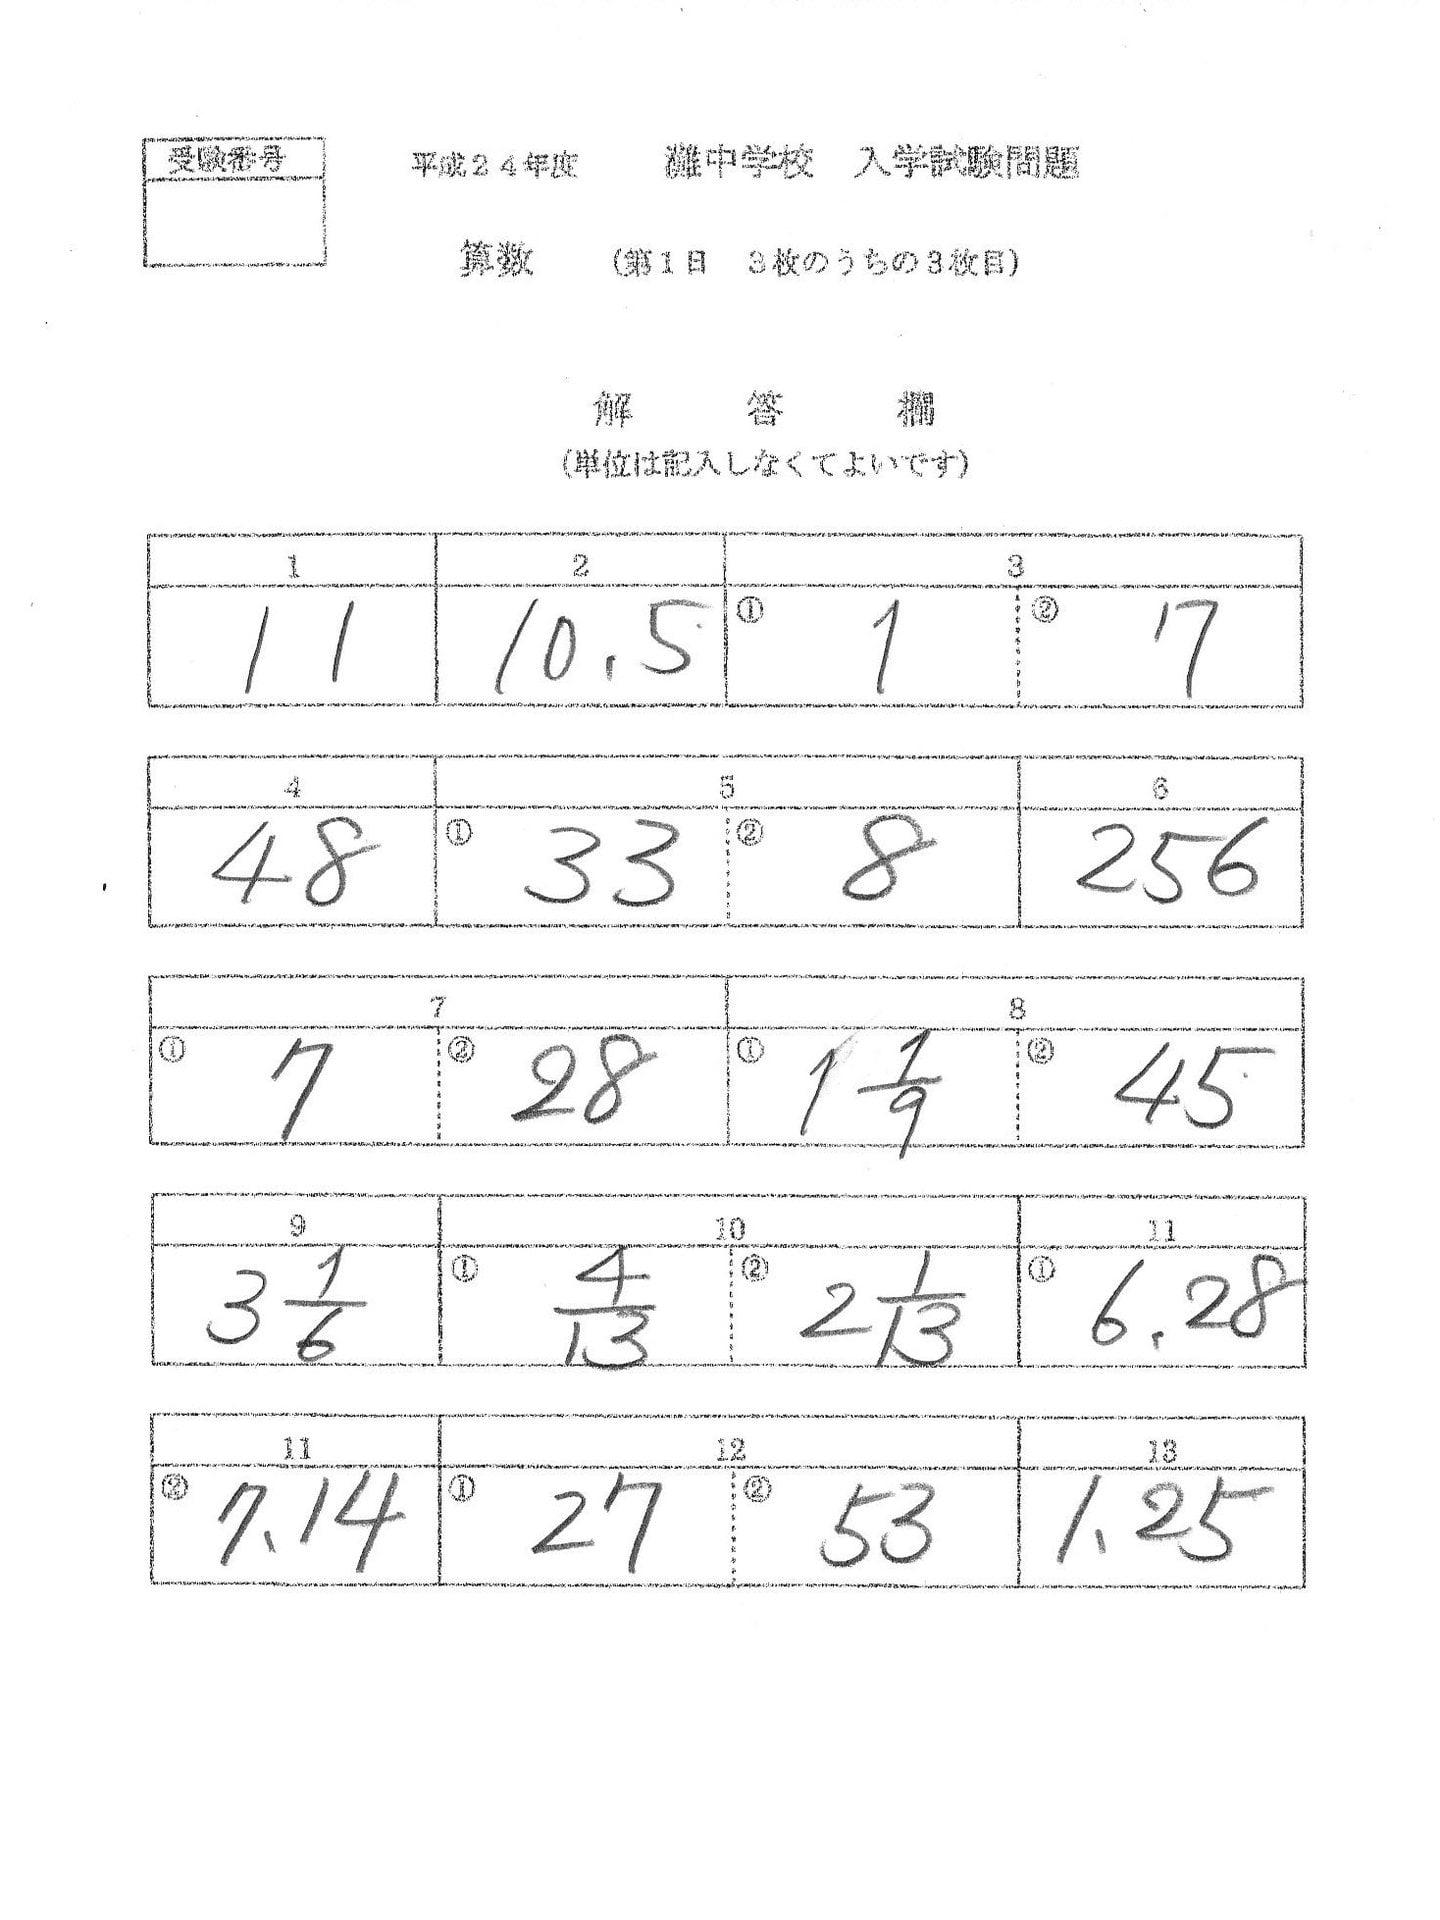 灘中学校 2012年入試問題(算数 ... : 小学生 英語 問題 : 小学生